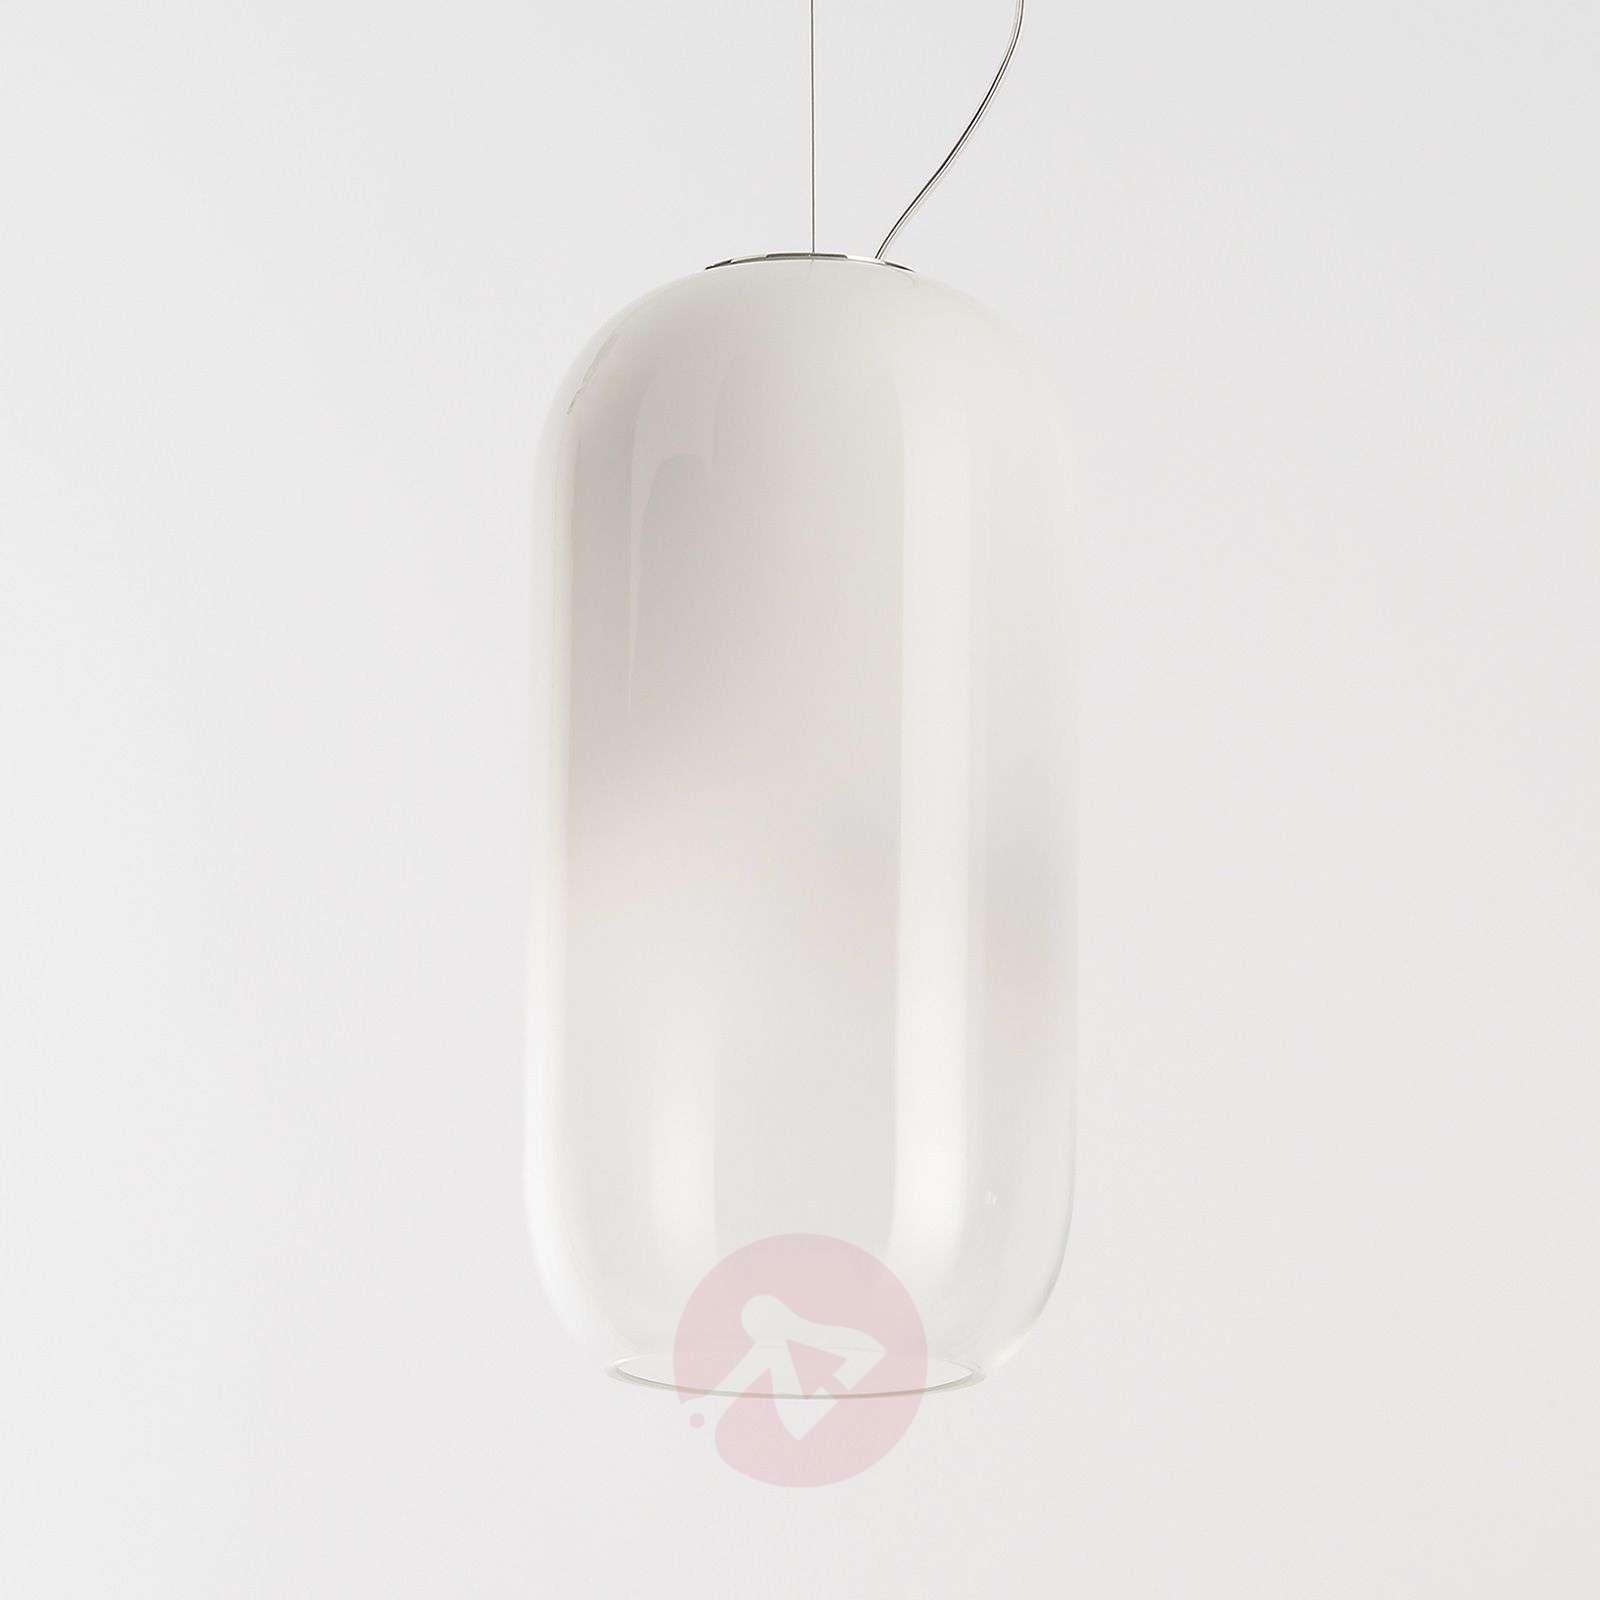 Artemide Gople Mini-riippuvalaisin-1060324X-01